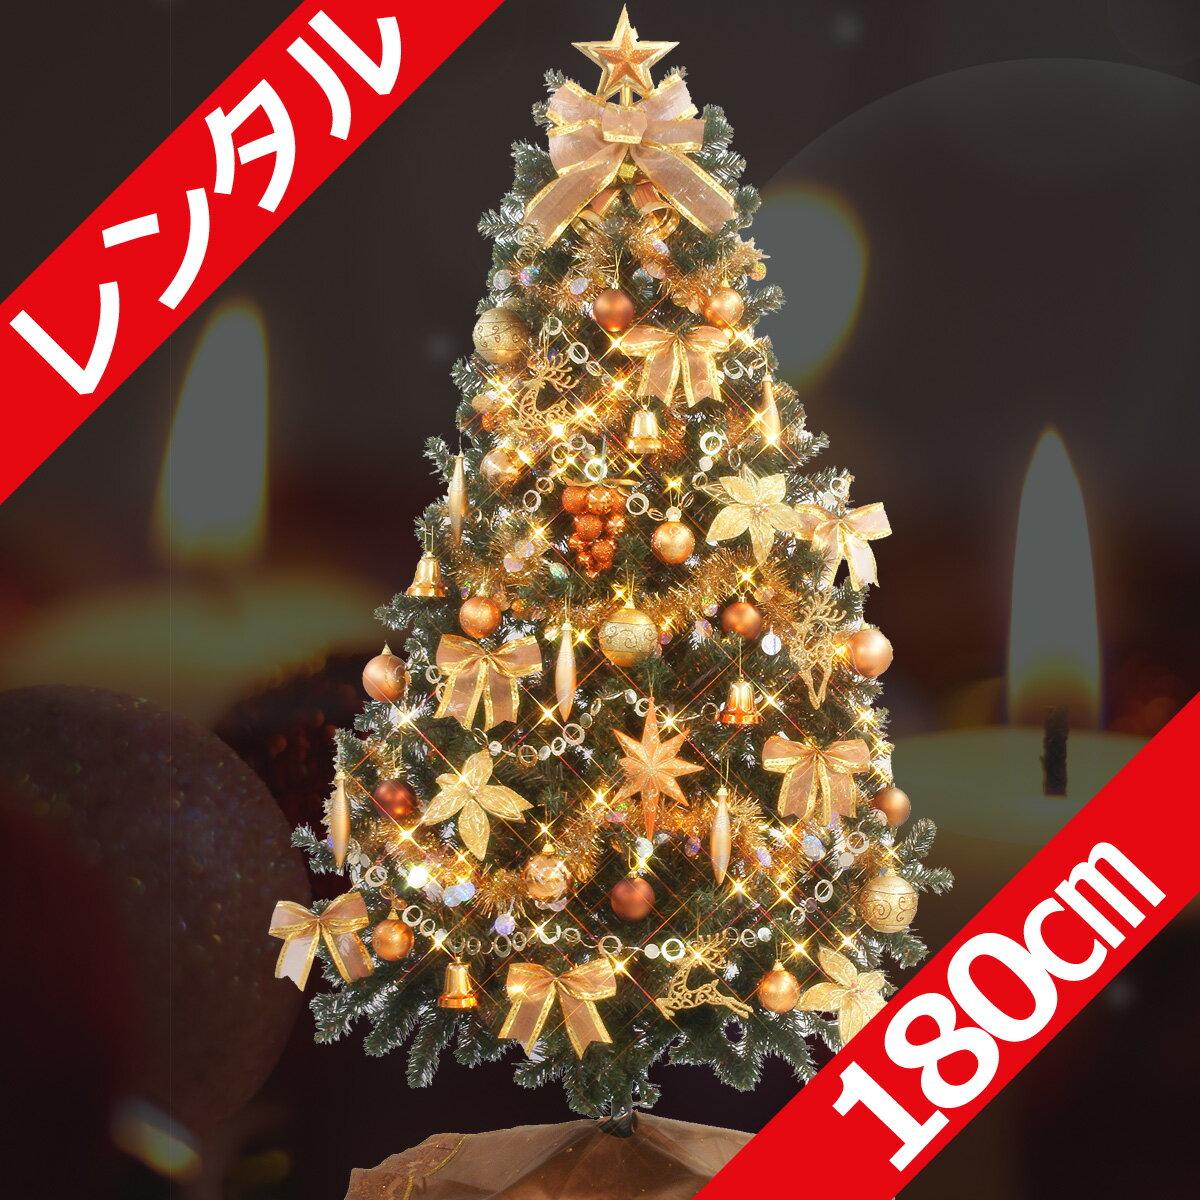 【レンタル】 クリスマスツリー セット 180cm ゴールド&コパー 【往復 送料無料】 クリスマスツリー レンタル fy16REN07